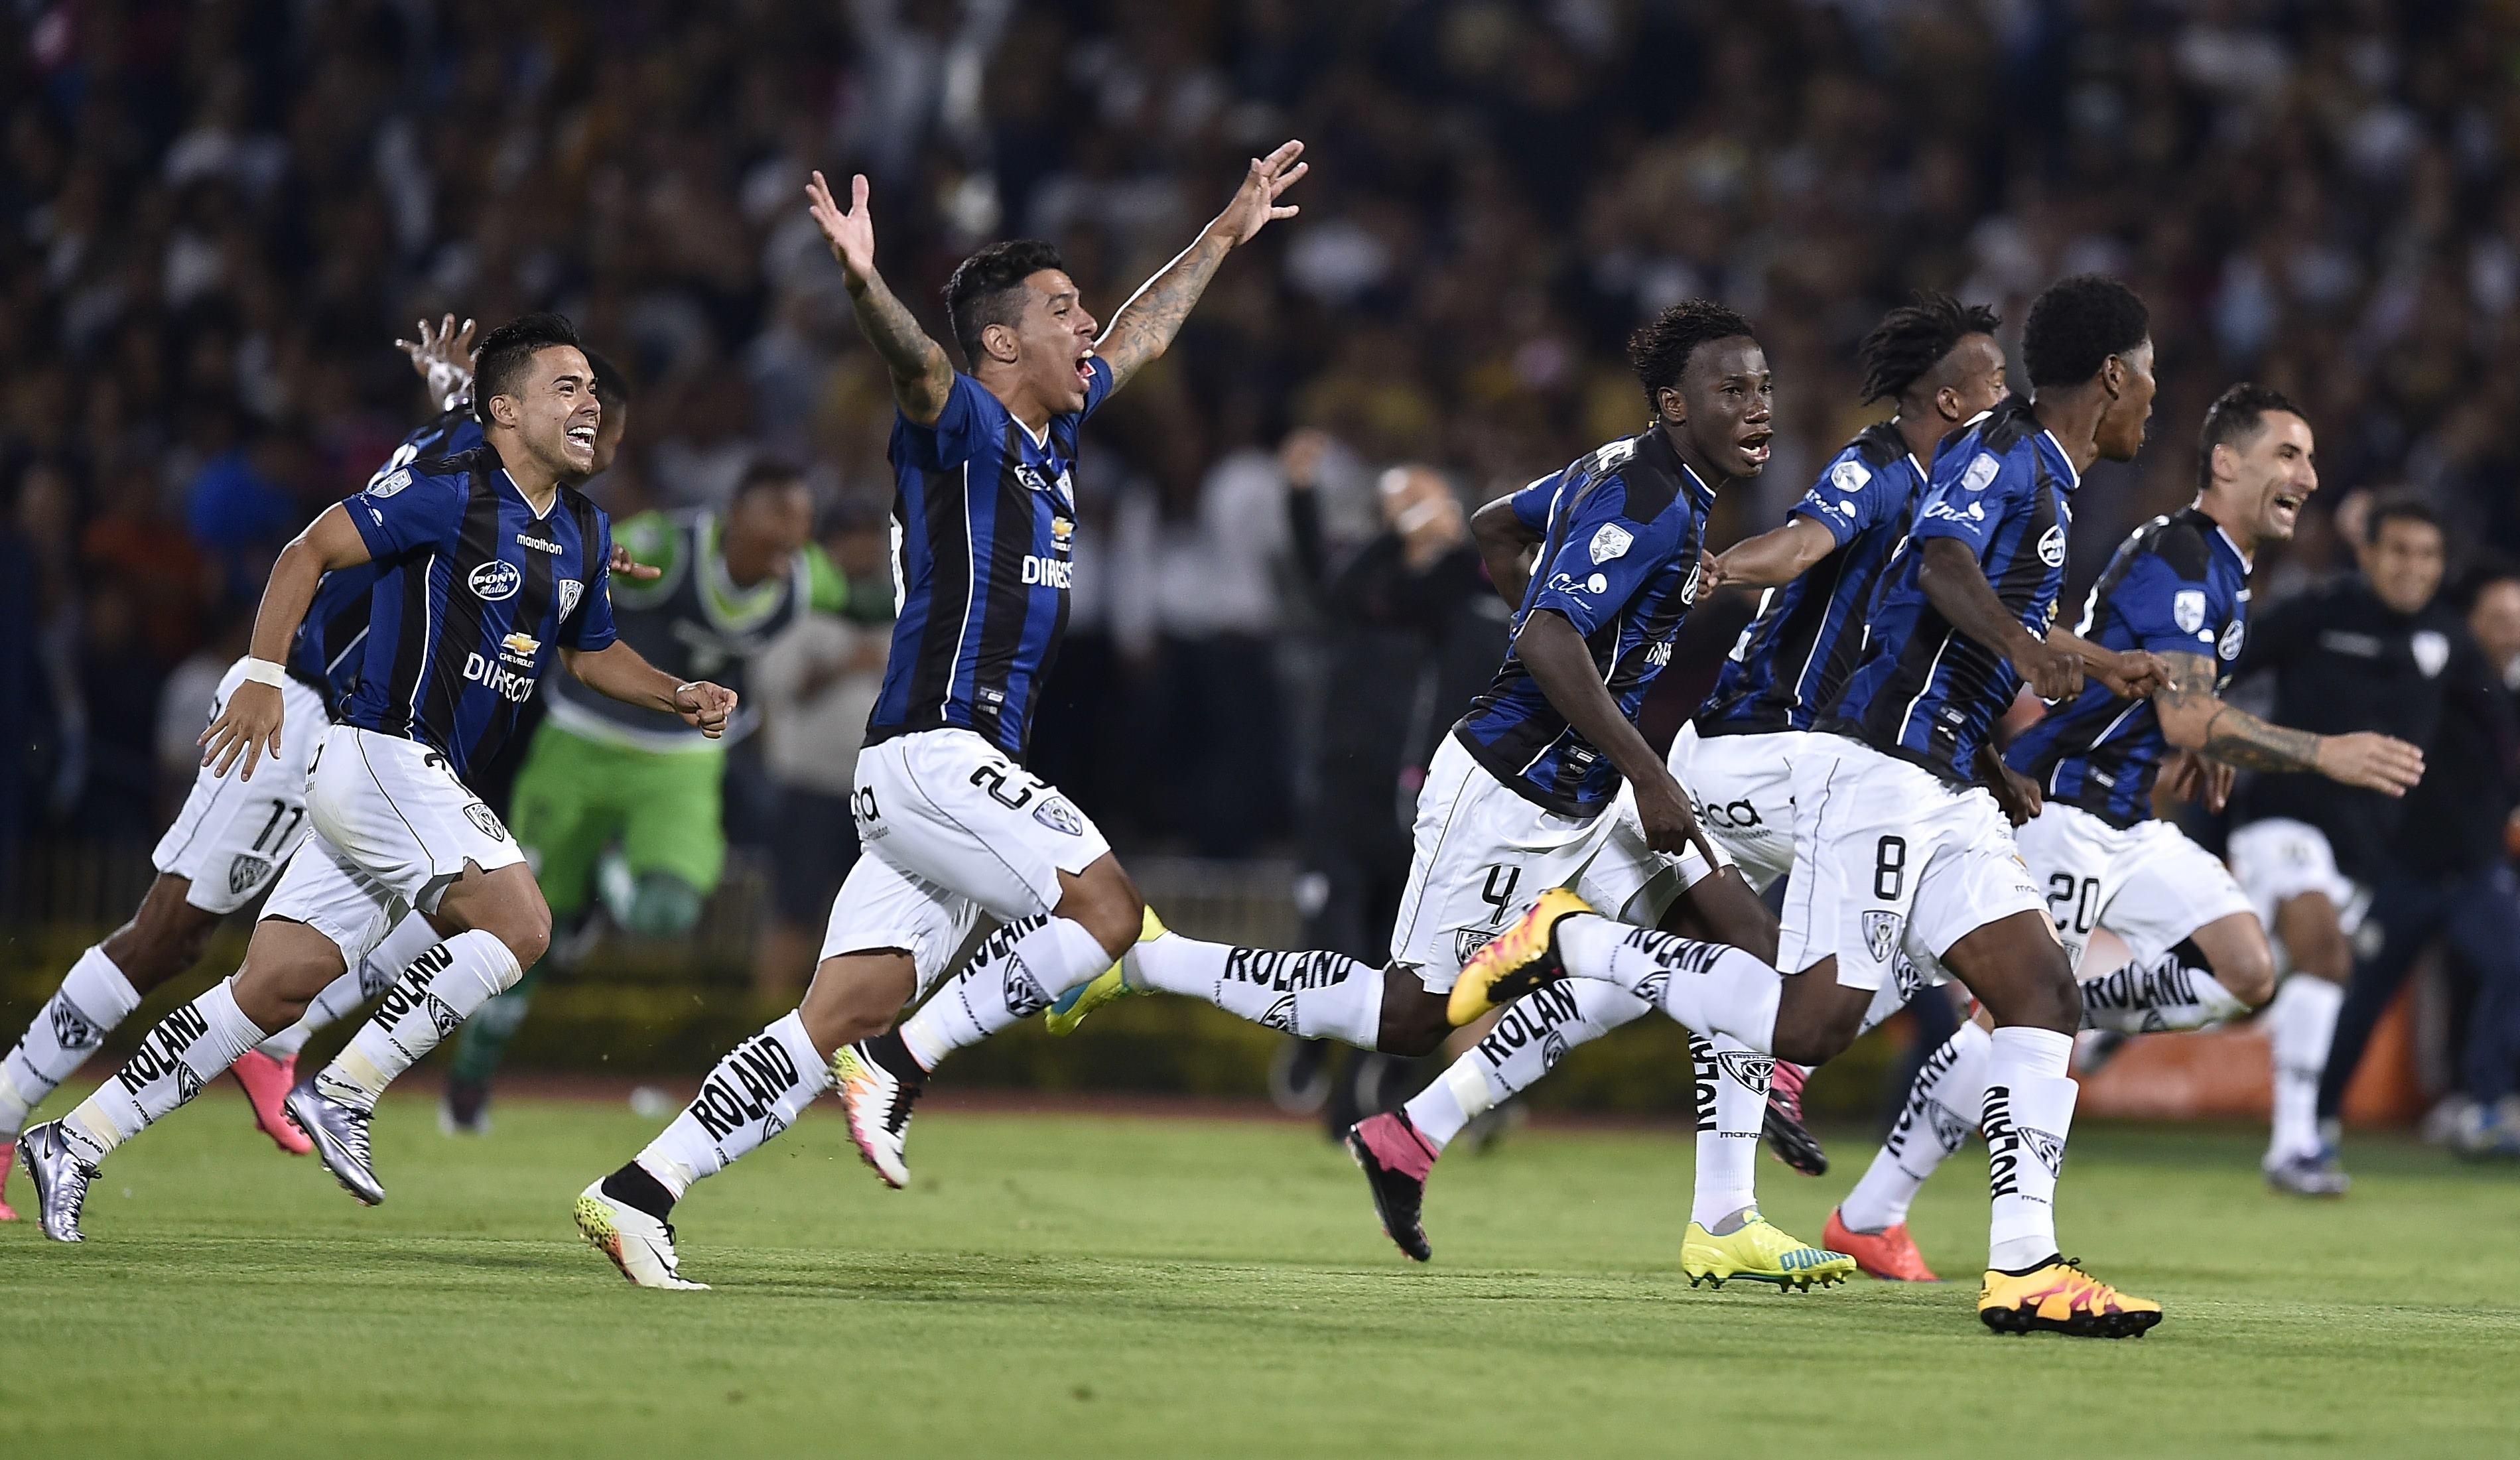 Independiente del Valle-Caracas mercoledì 17 luglio